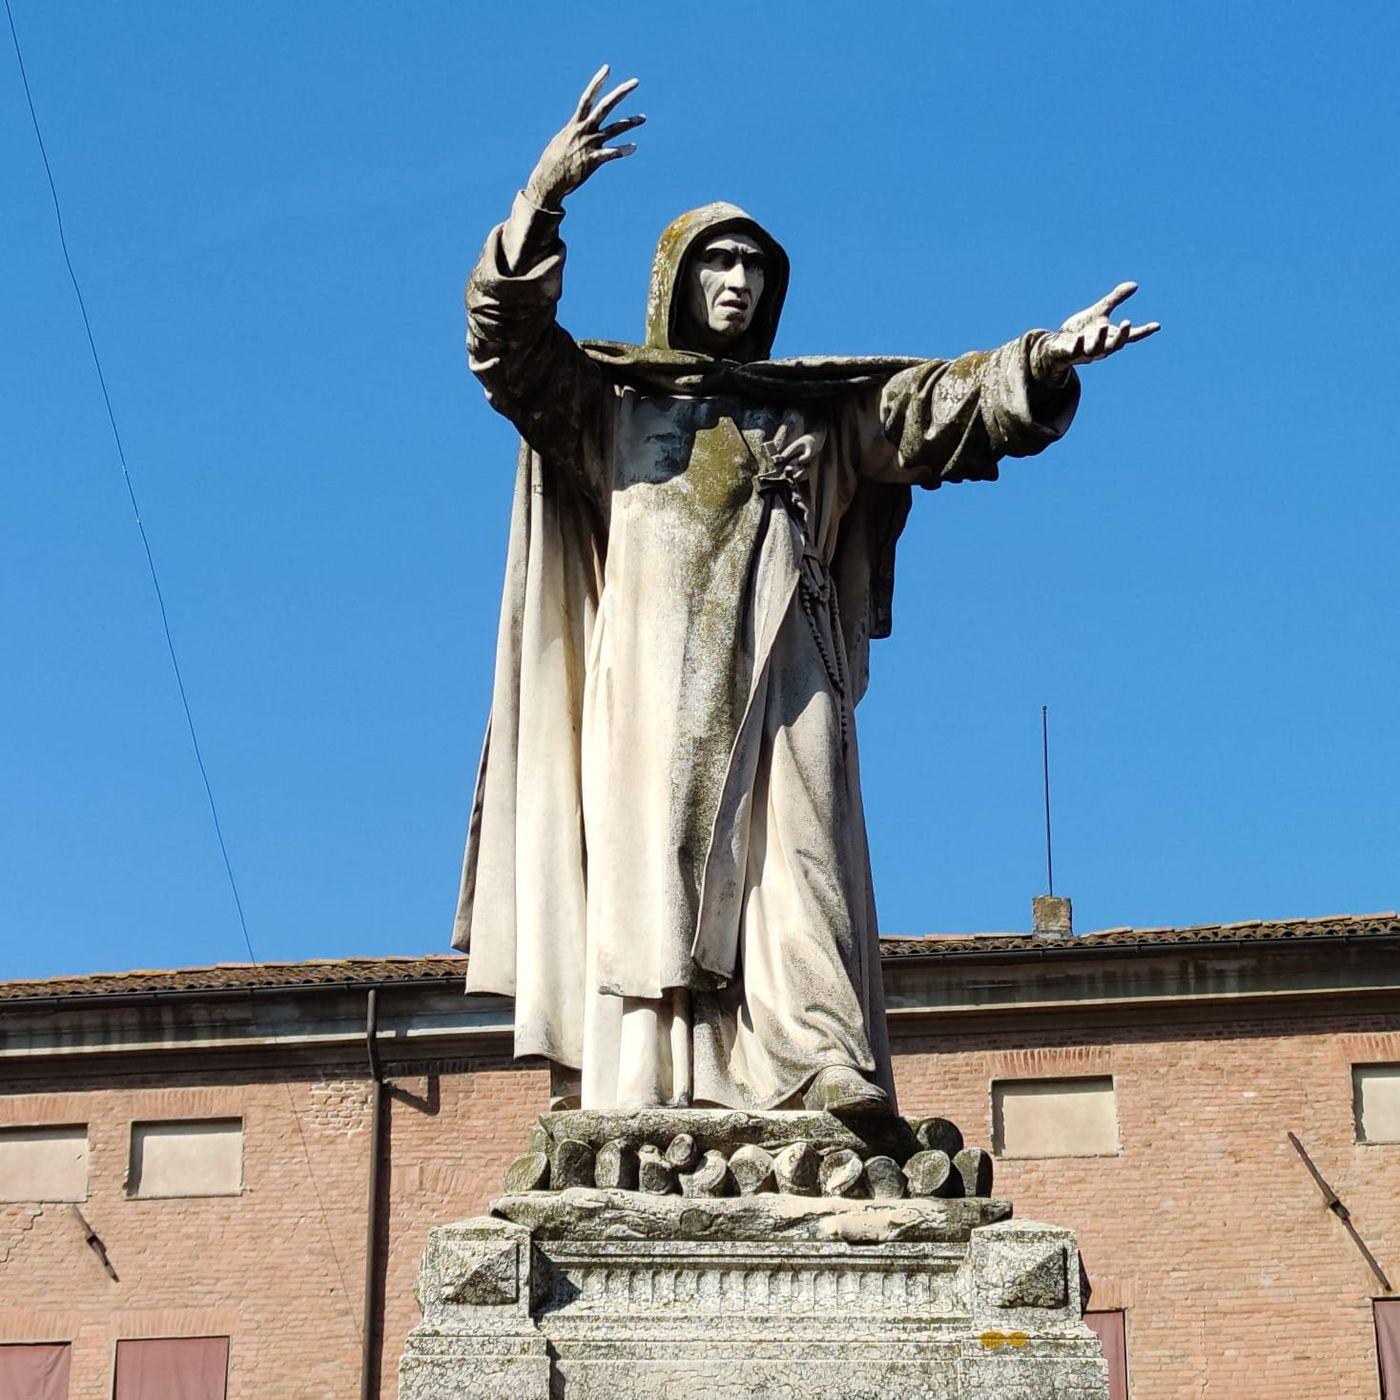 23 maggio 1875. Viene inaugurata la statua di Girolamo Savonarola